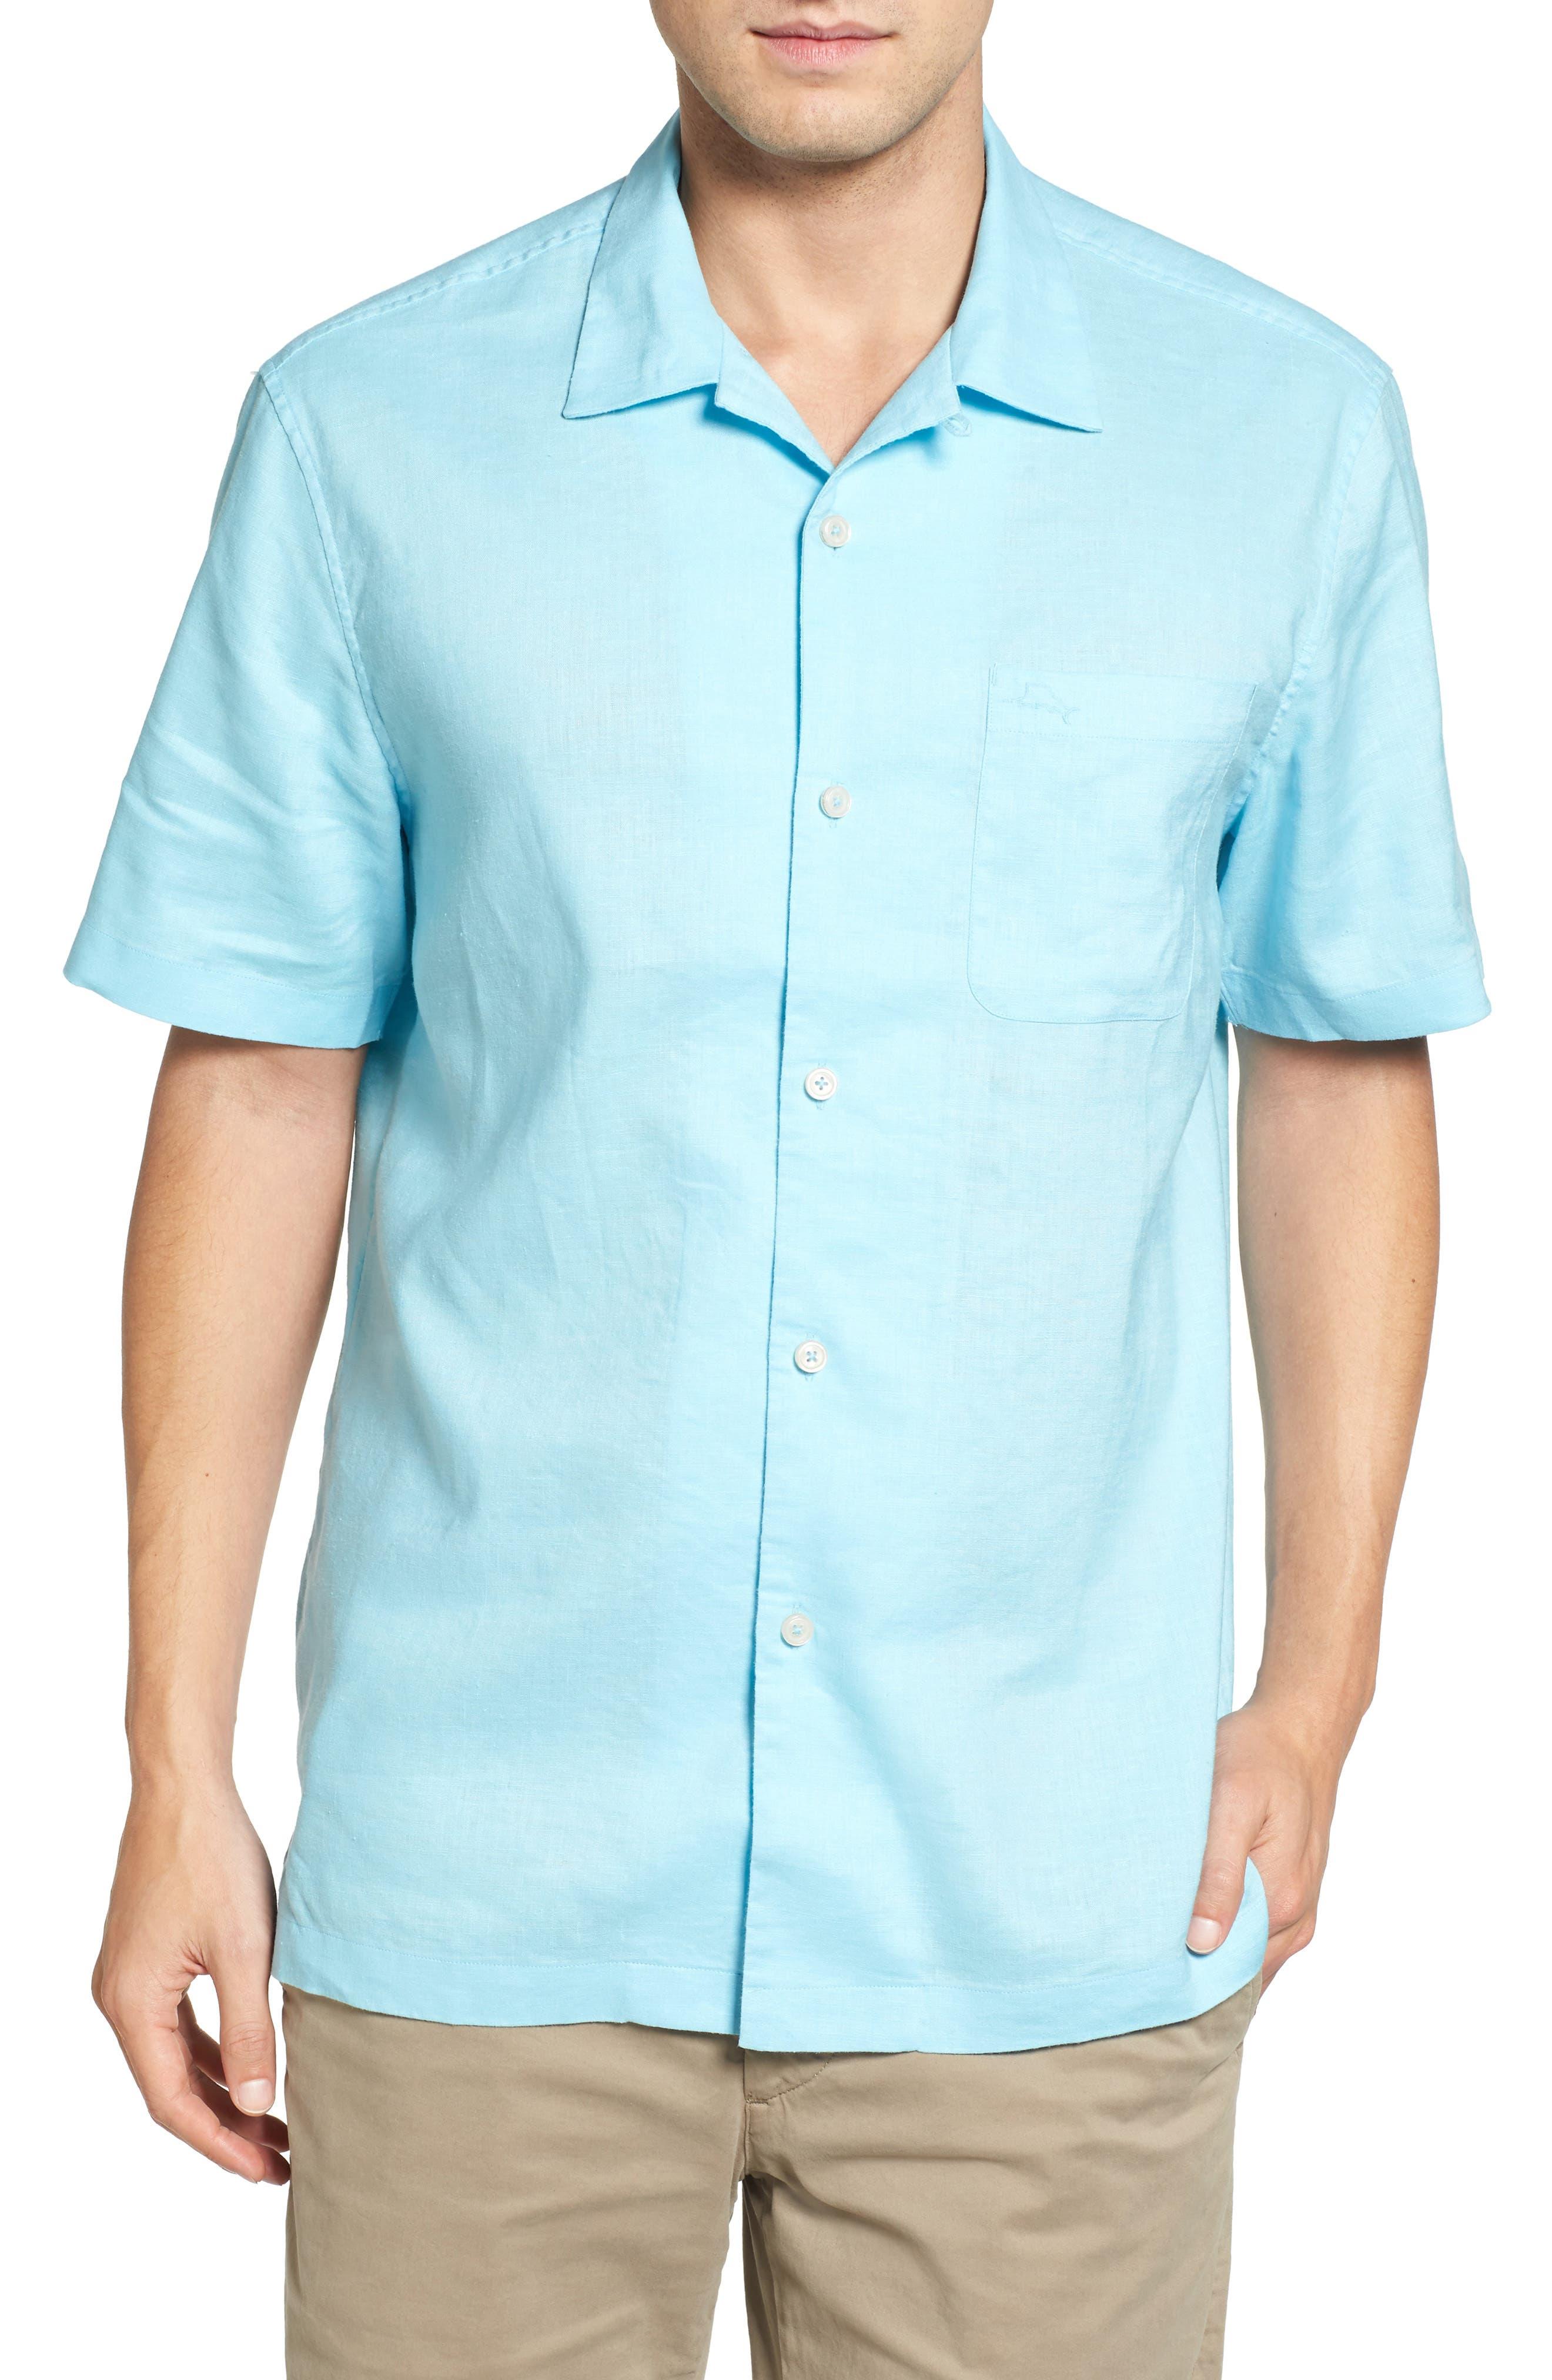 Monaco Tides Standard Fit Linen Blend Camp Shirt,                             Main thumbnail 1, color,                             Graceful Sea